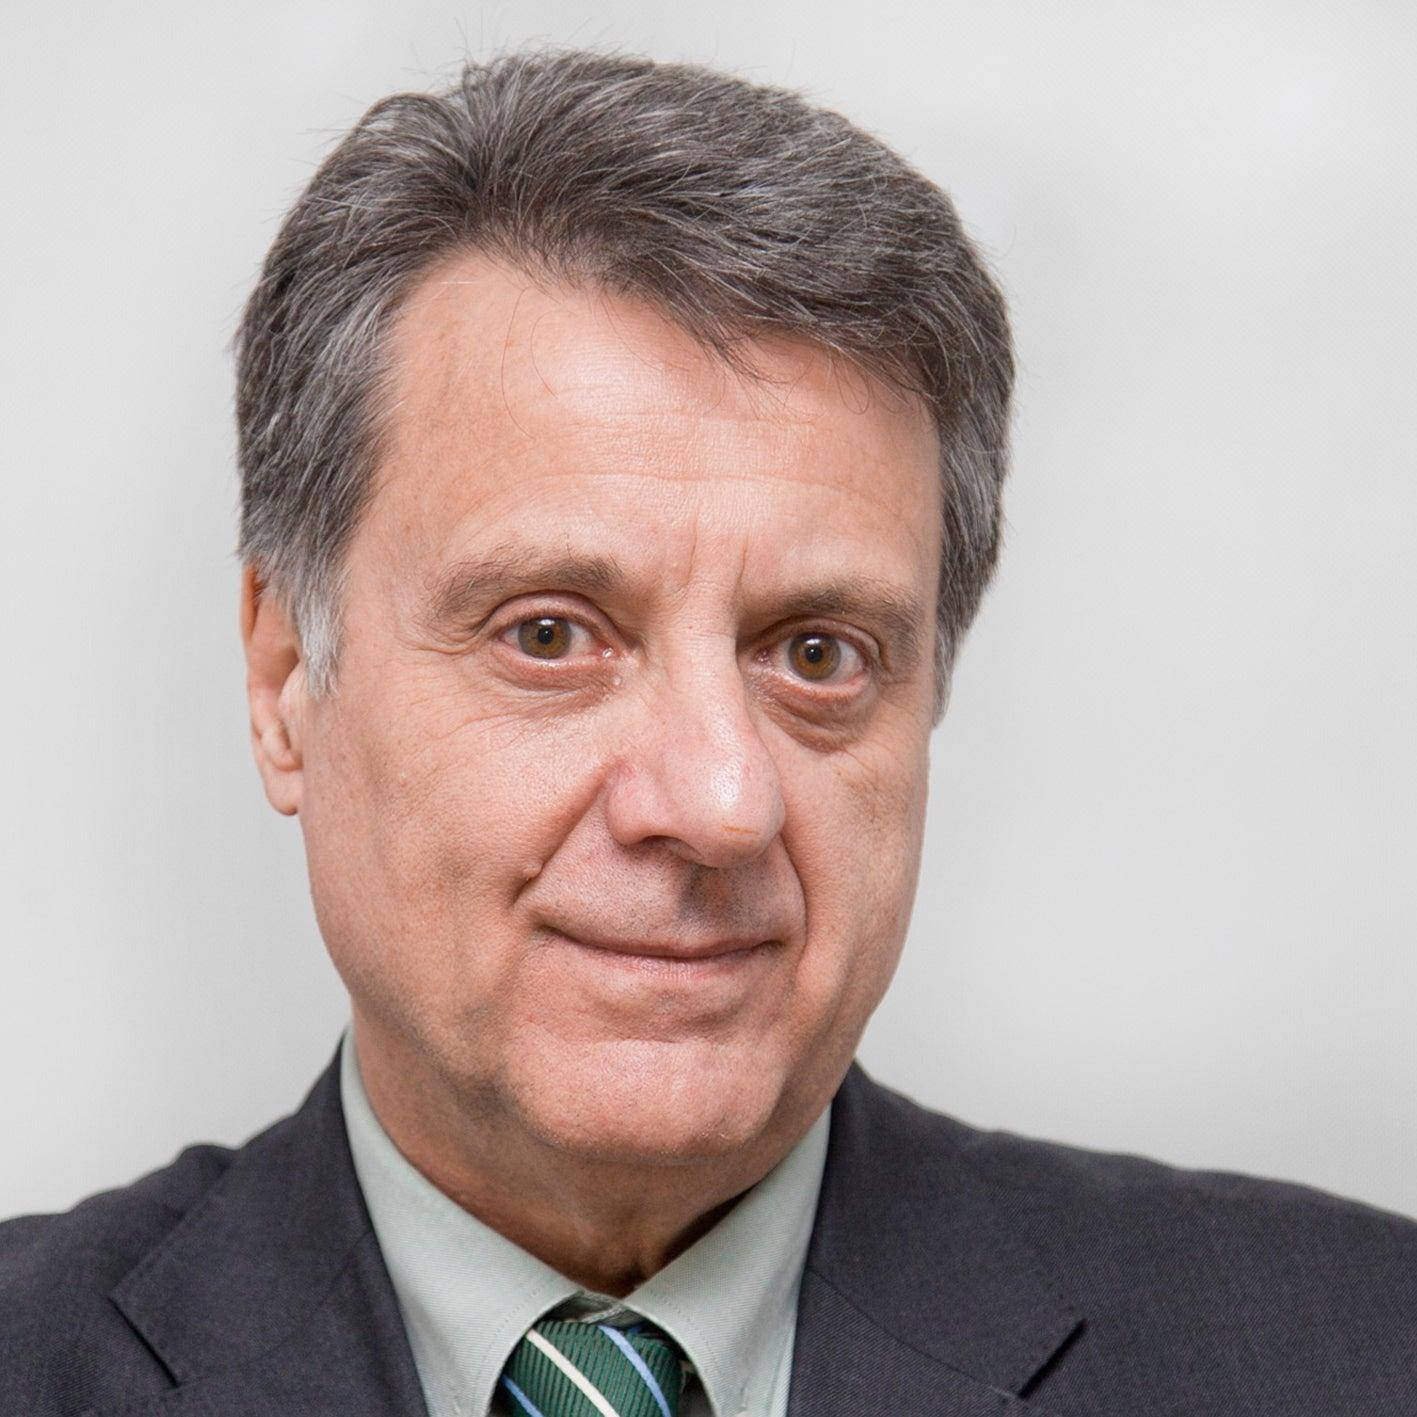 Jose Antonio Navas